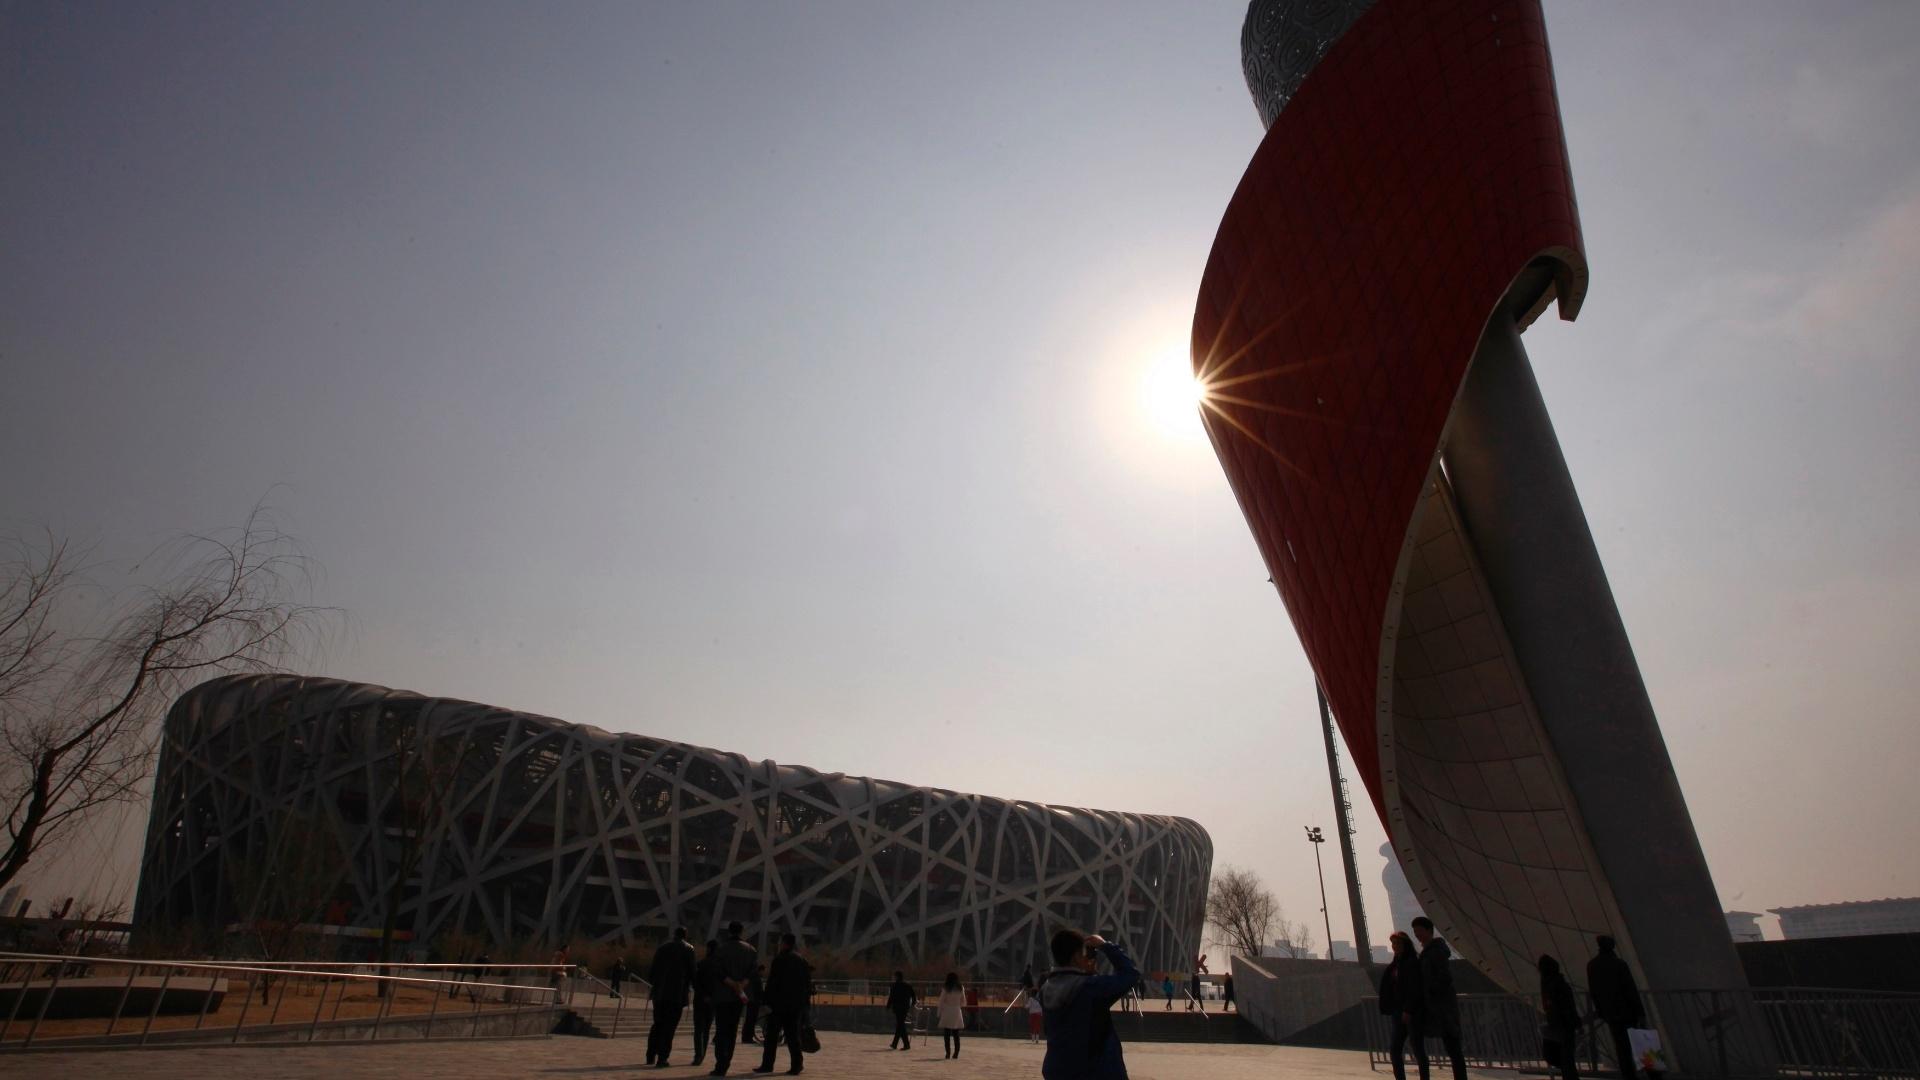 O Ninho de Pássaro, estádio olímpico que foi a principal estrutura erguida para os Jogos de Pequim, hoje quase não recebe eventos esportivos e vive de turismo e eventos culturais